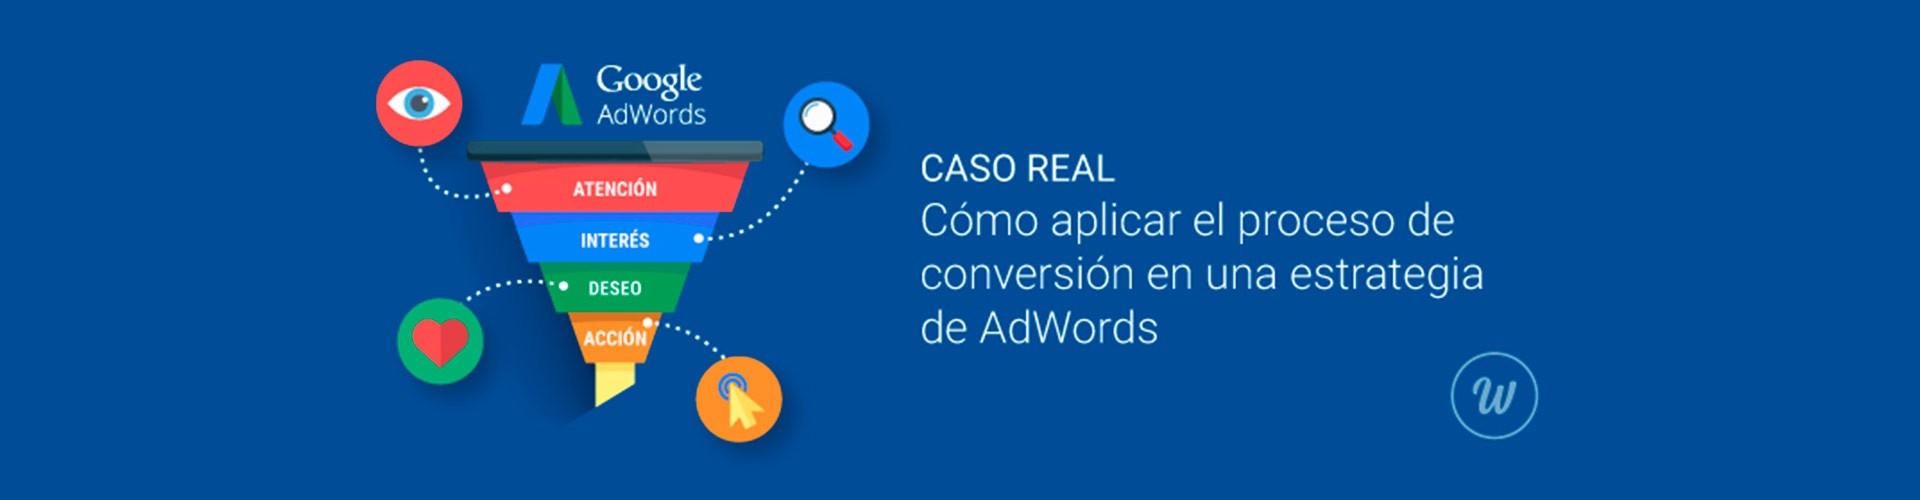 Cómo aplicar el proceso de conversión en una estrategia de AdWords. Caso real.